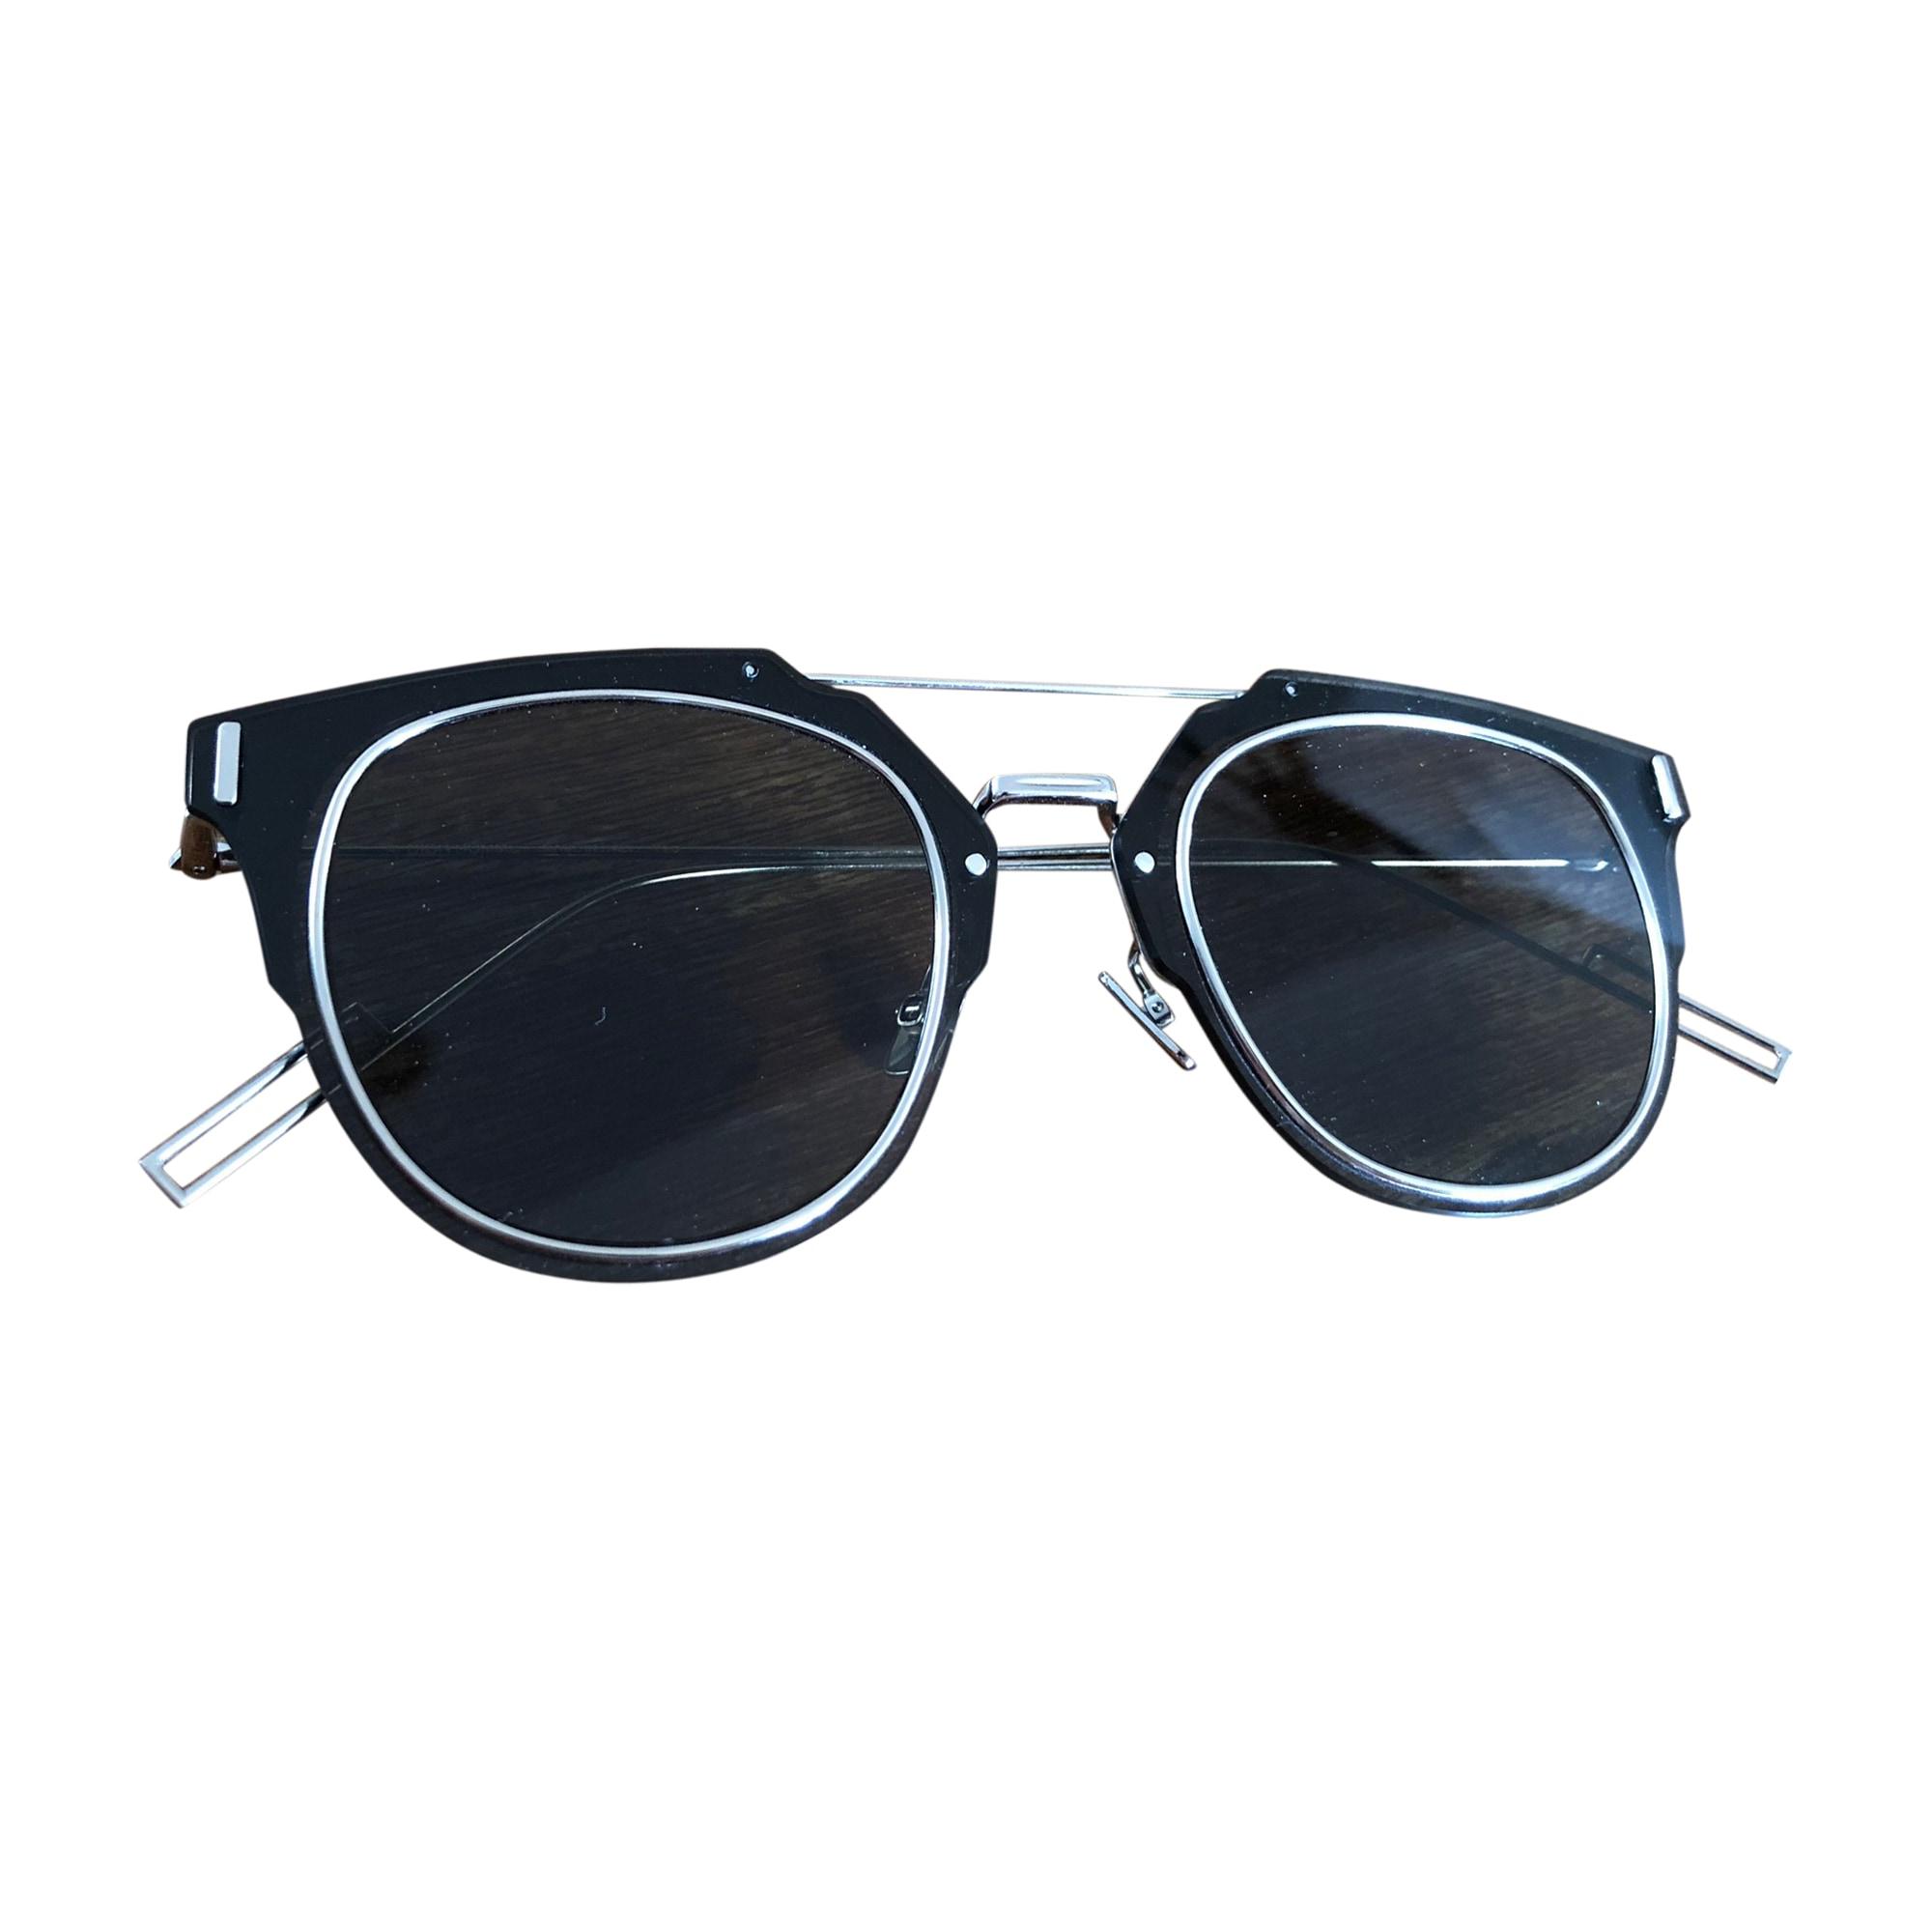 9d41ce9d84575 Lunettes de soleil DIOR HOMME noir vendu par Dreyka - 7668894